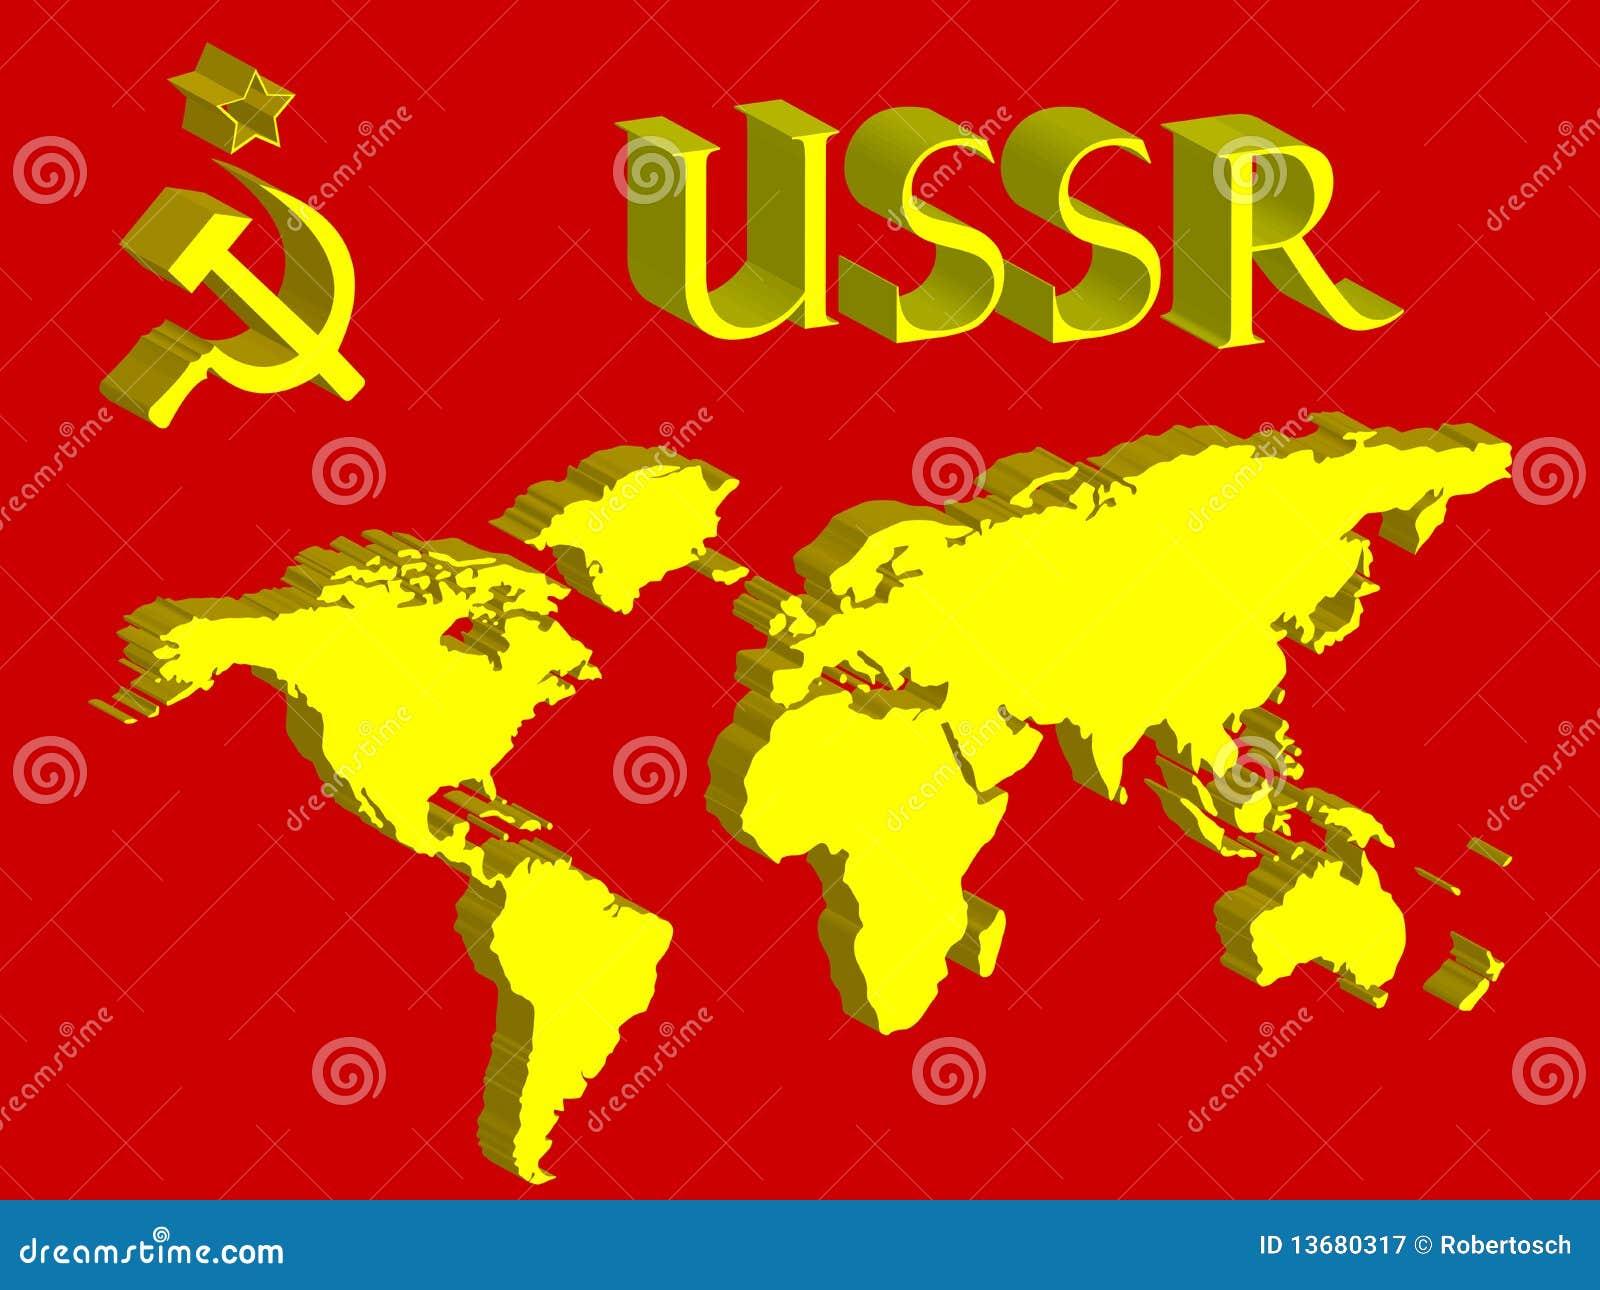 Мировая экономика и международные экономические отношения. Учебное